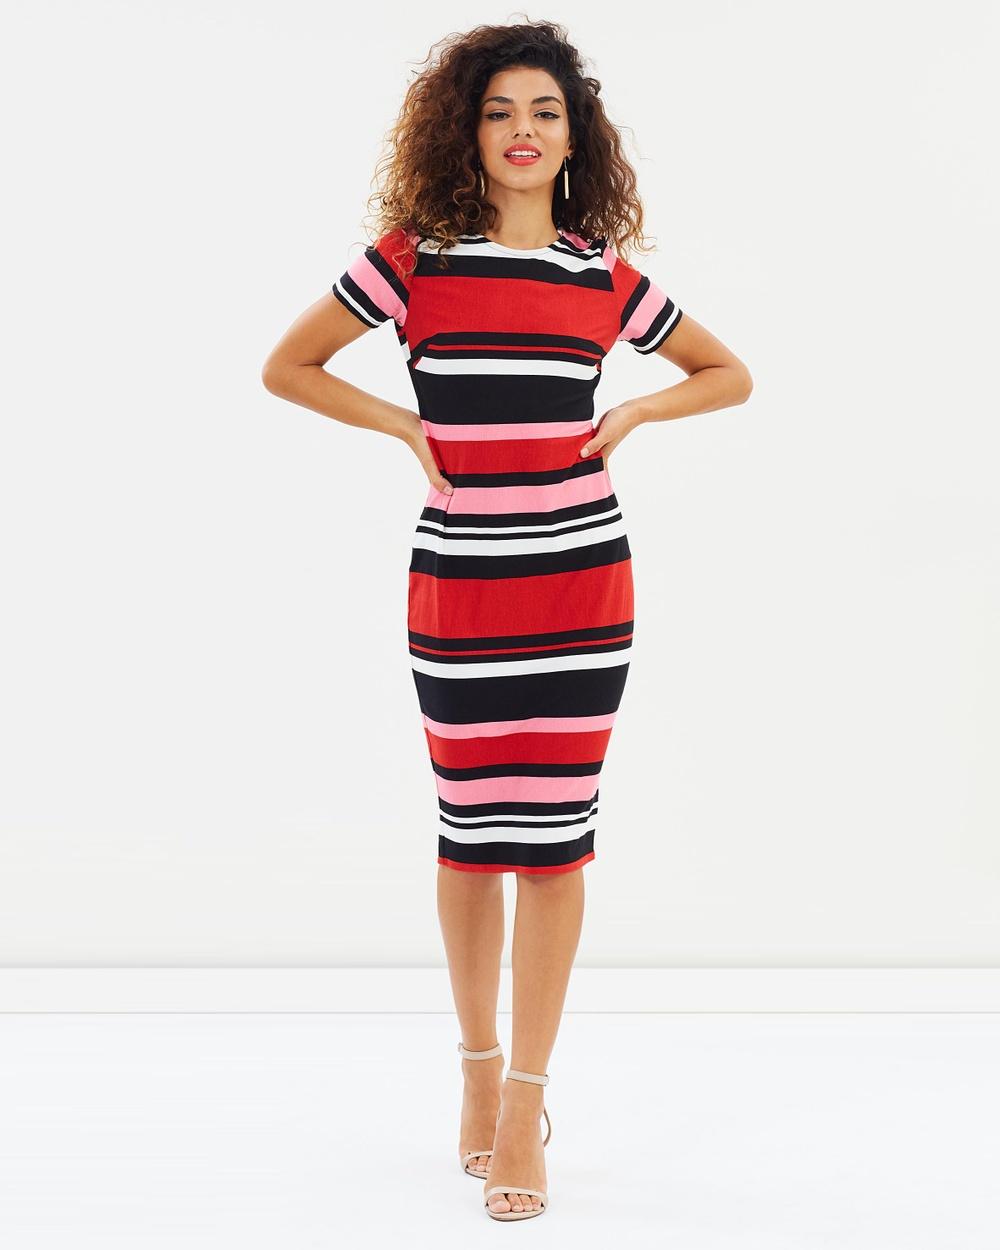 DP Petite Striped Body Con Dress Bodycon Dresses Multi Bright Striped Body-Con Dress